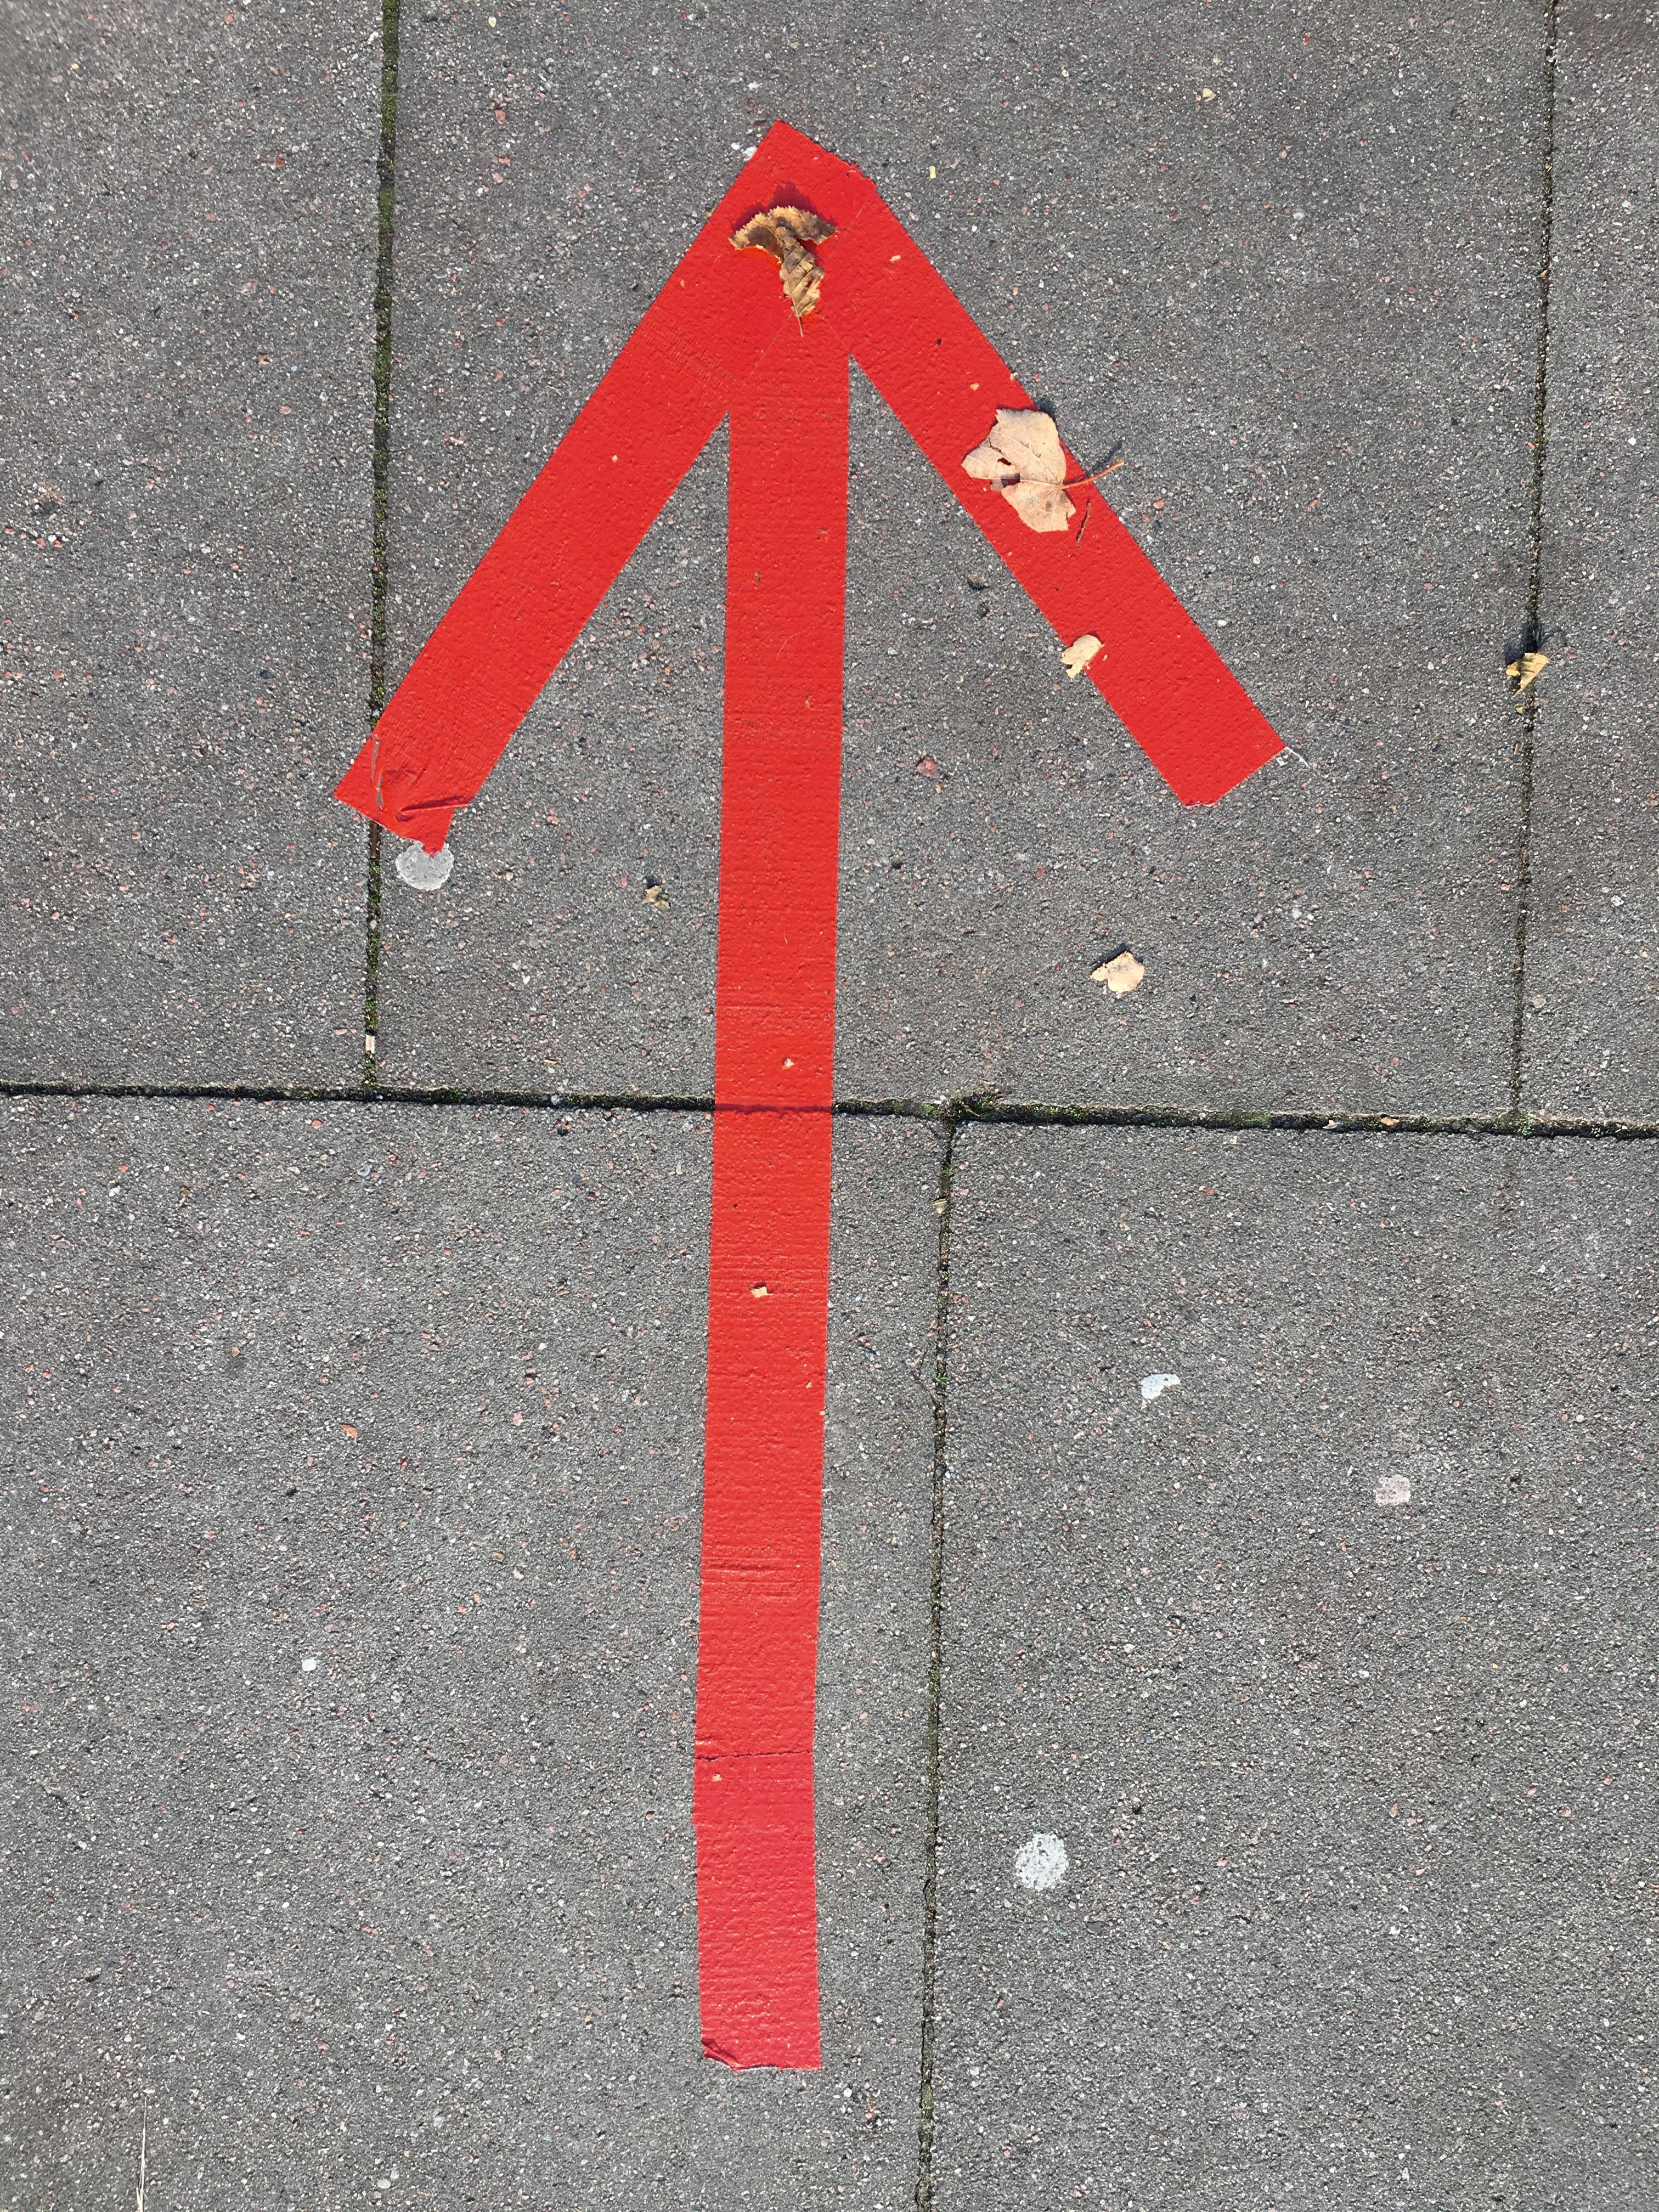 roter Pfeil auf Gehweg geklebt